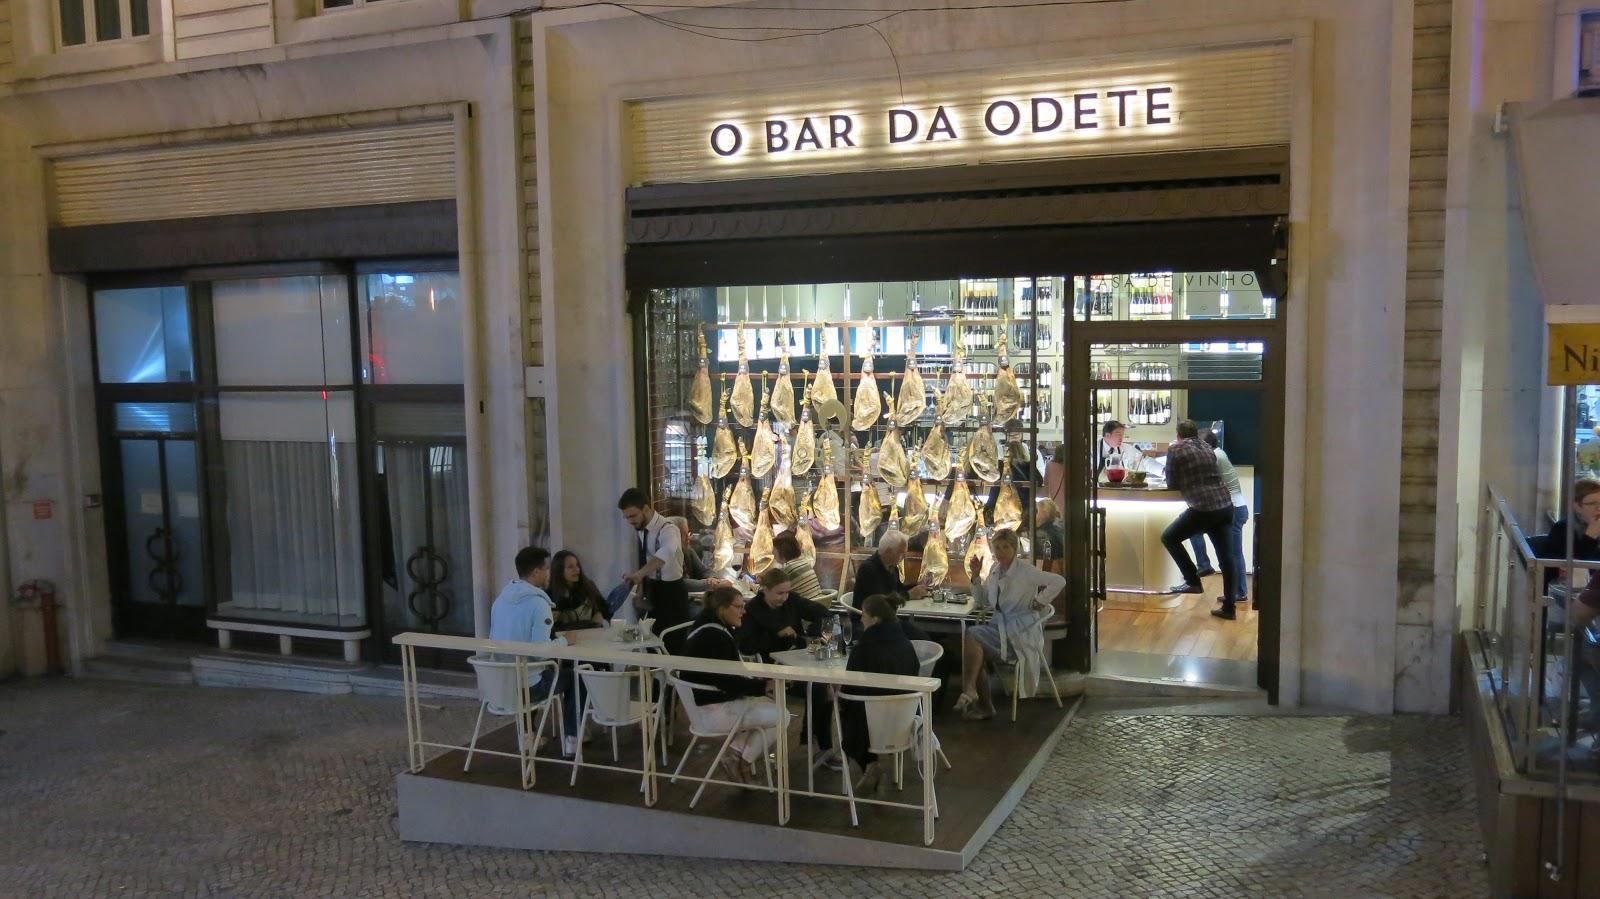 2f5b7ff262 A Série Lugares Secretos que Indico apresenta O Bar da Odete